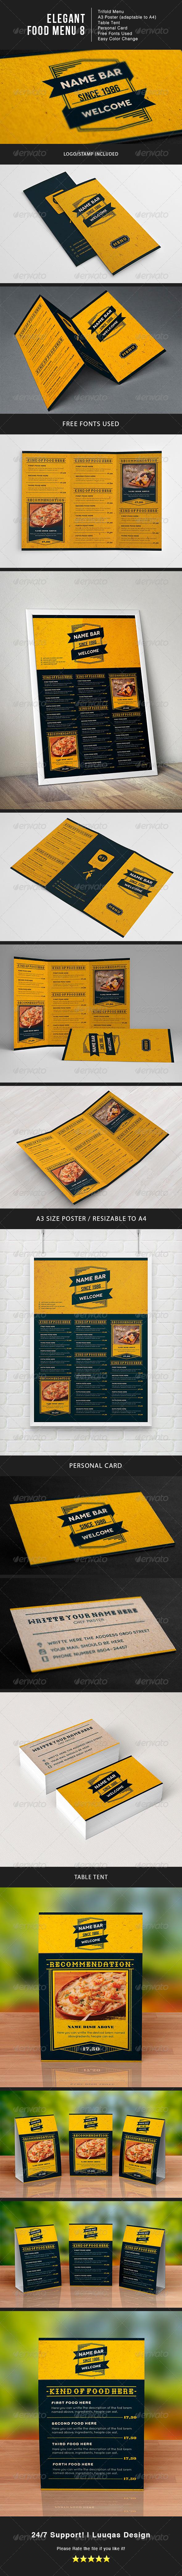 Elegant Food Menu 8 - Food Menus Print Templates